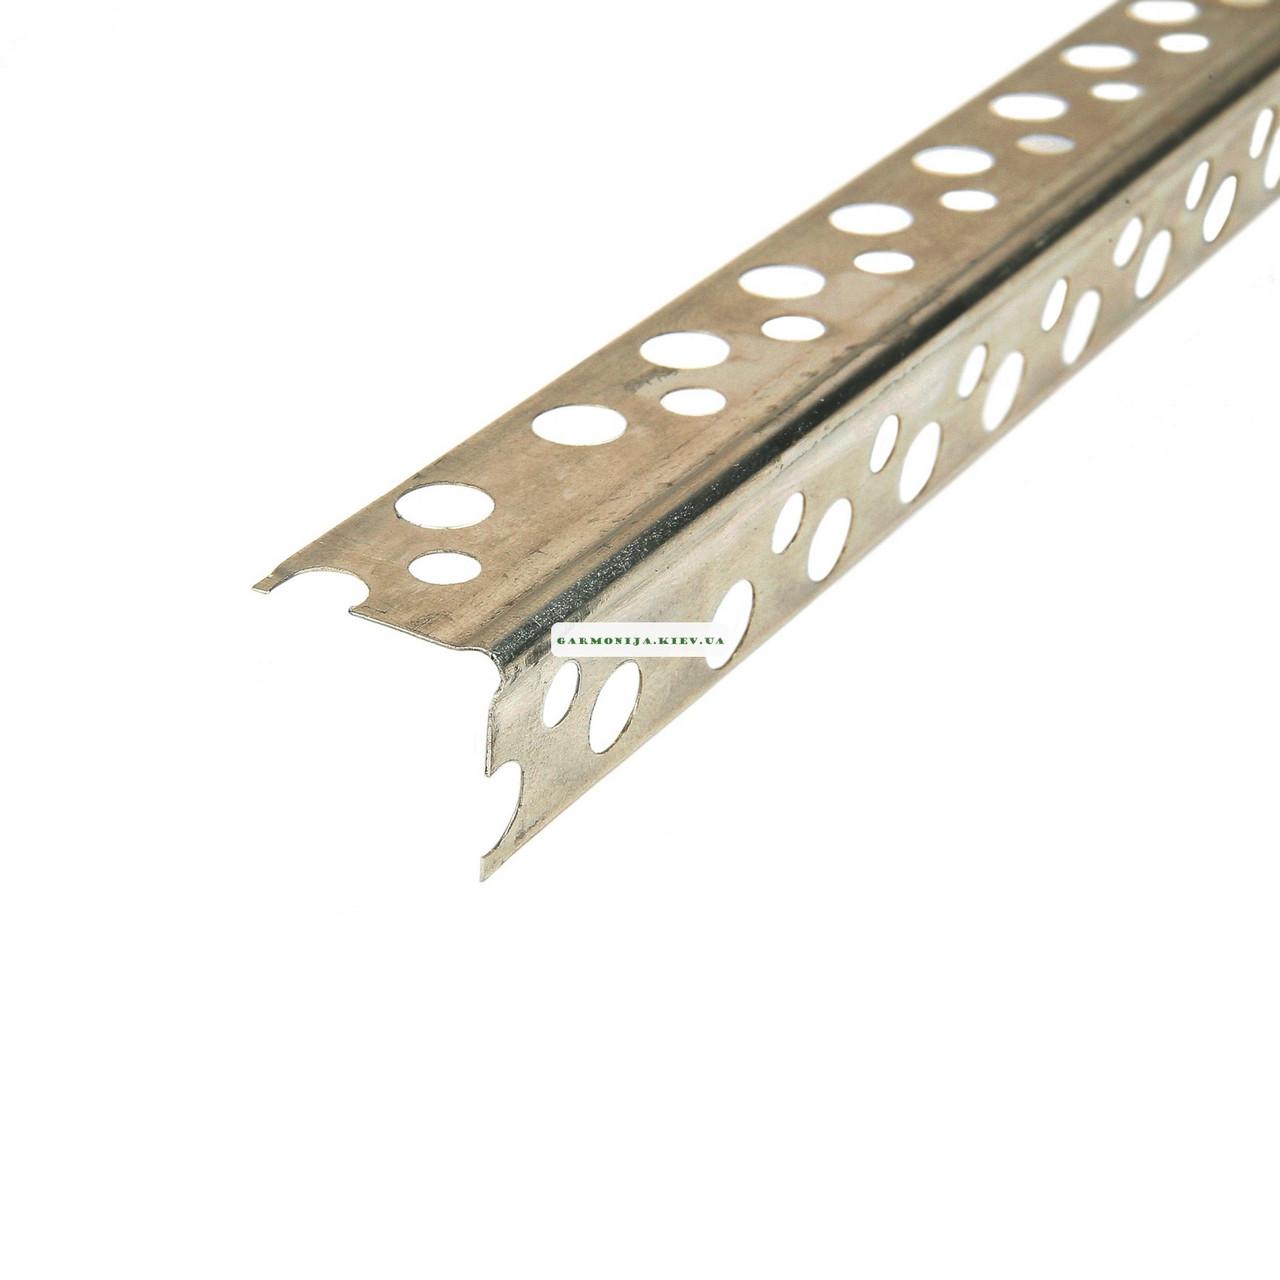 Угол перфорированный аллюминиевый 2.5 м. 0,21x19x19 мм